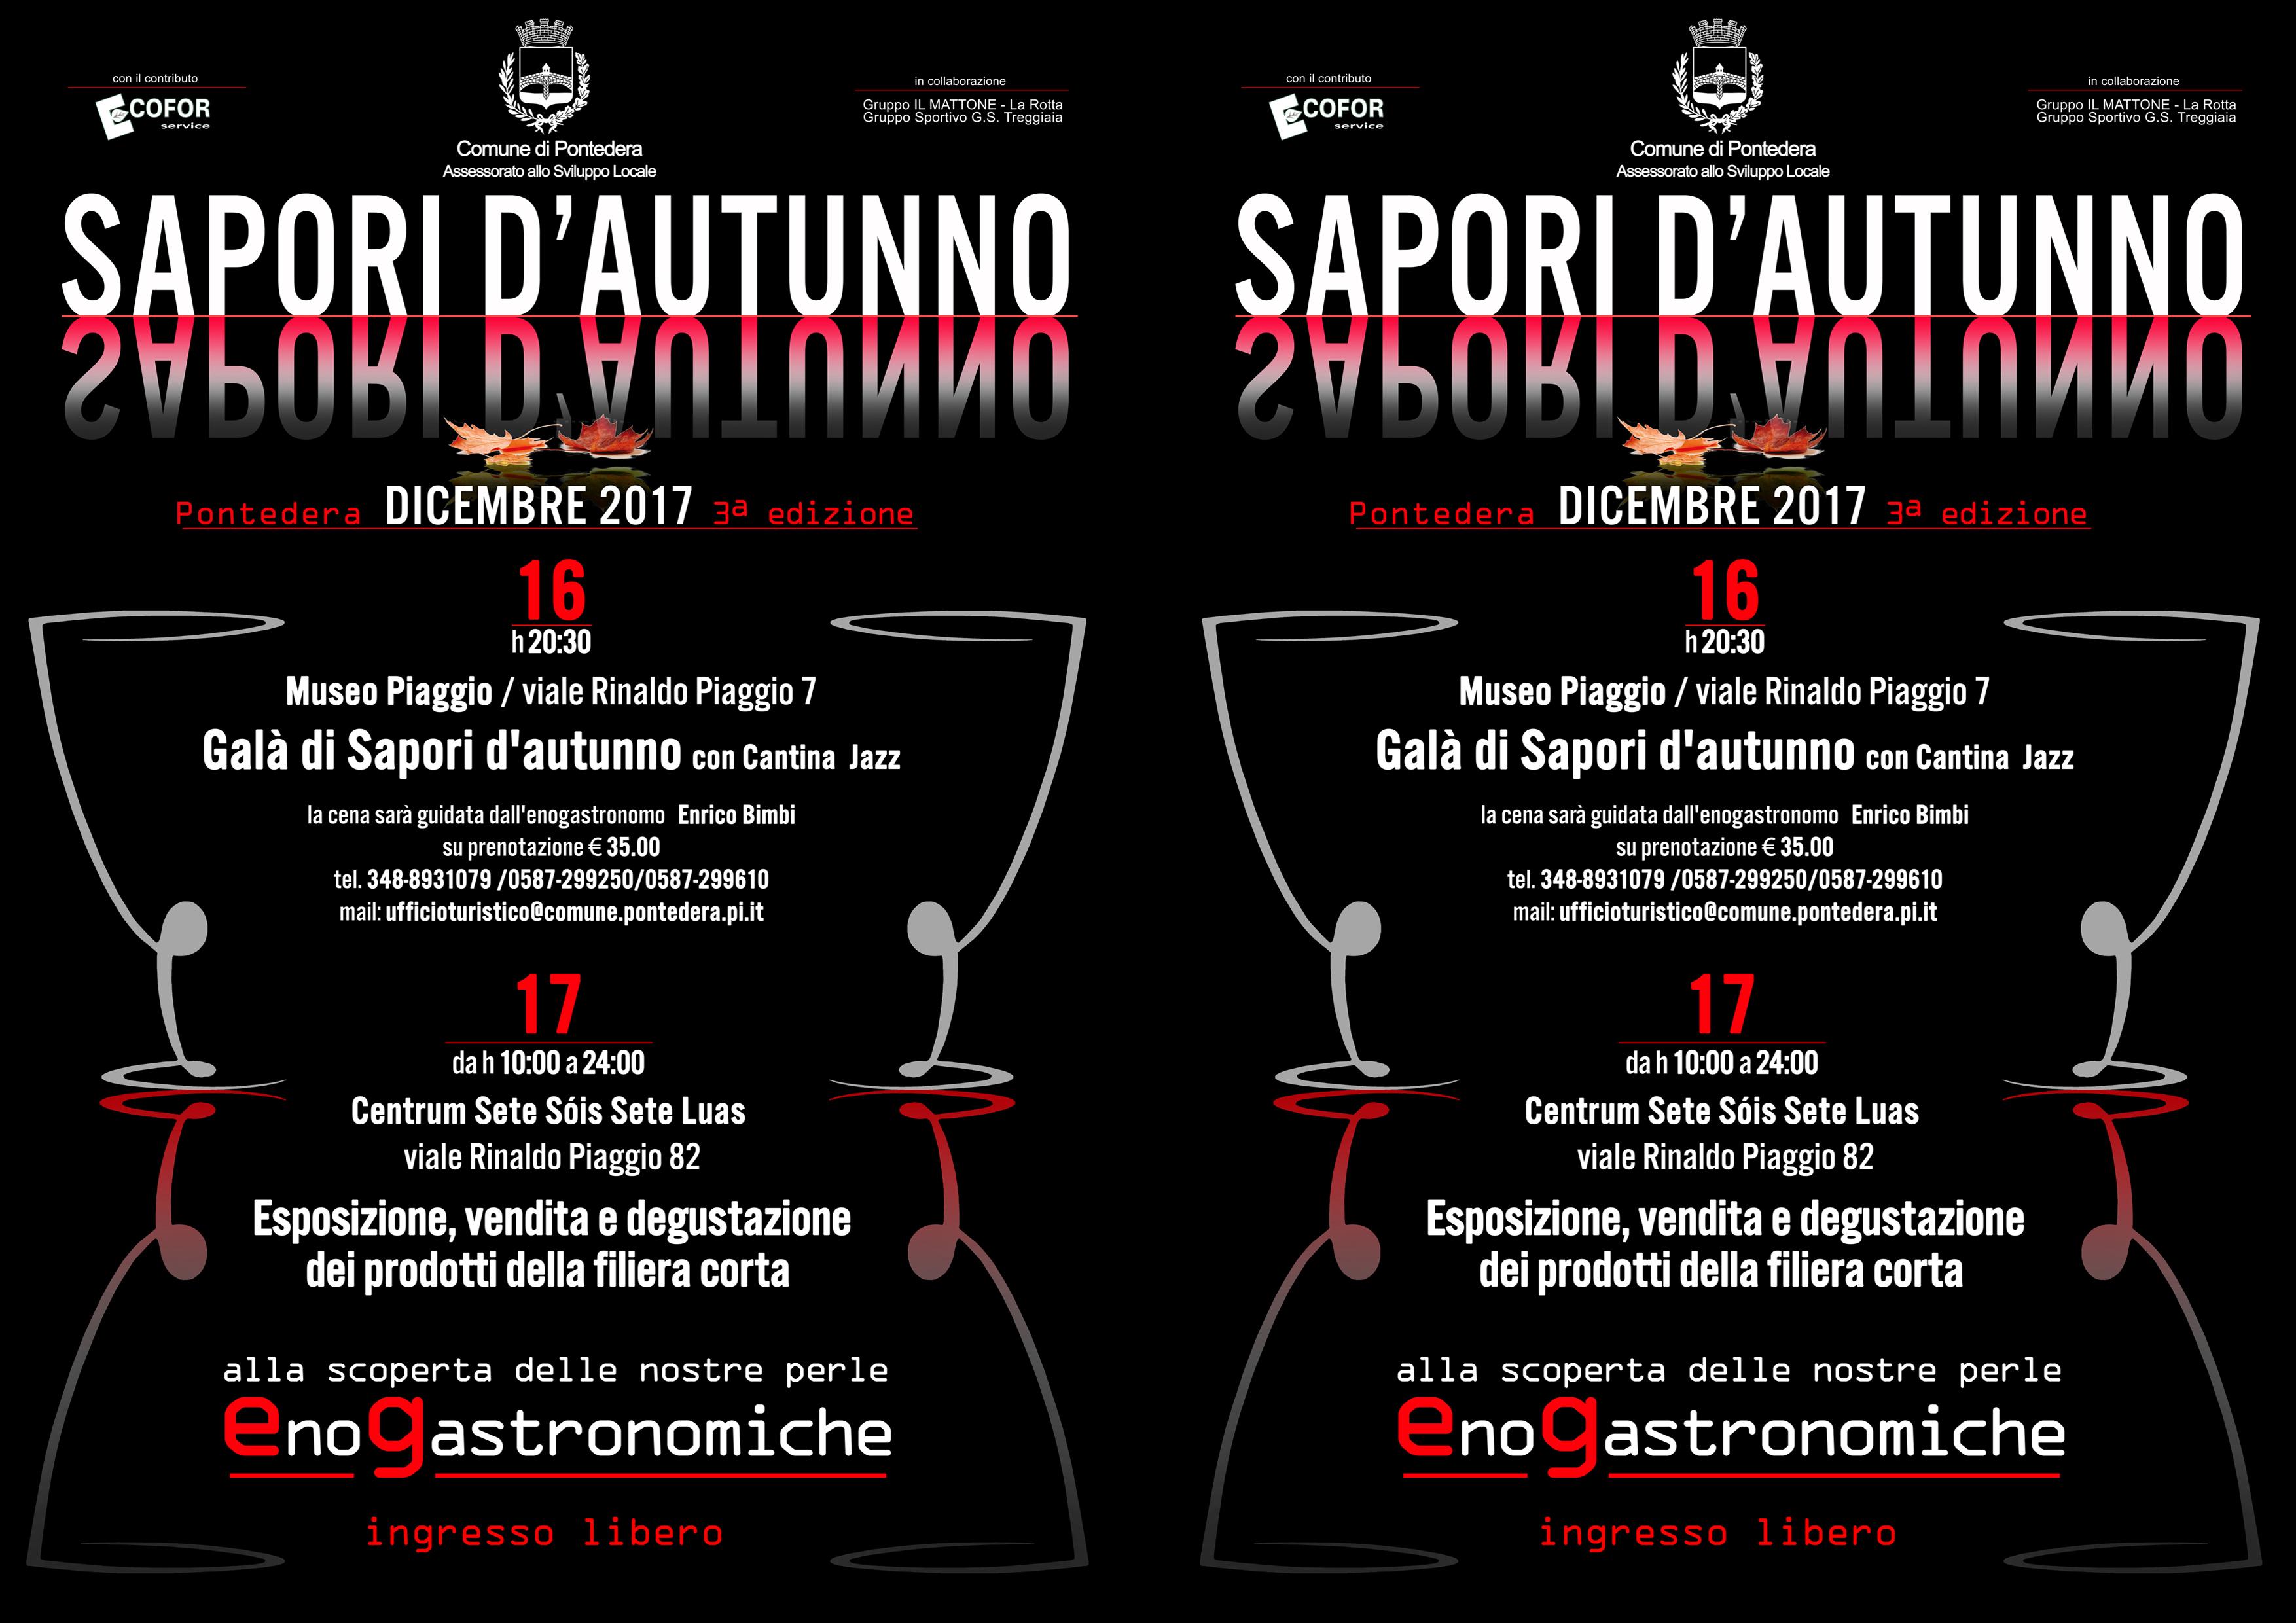 Favolosa cena di gala dei Sapori d'Autunno con Cantina Jazz il 16-12 al Museo Piaggio